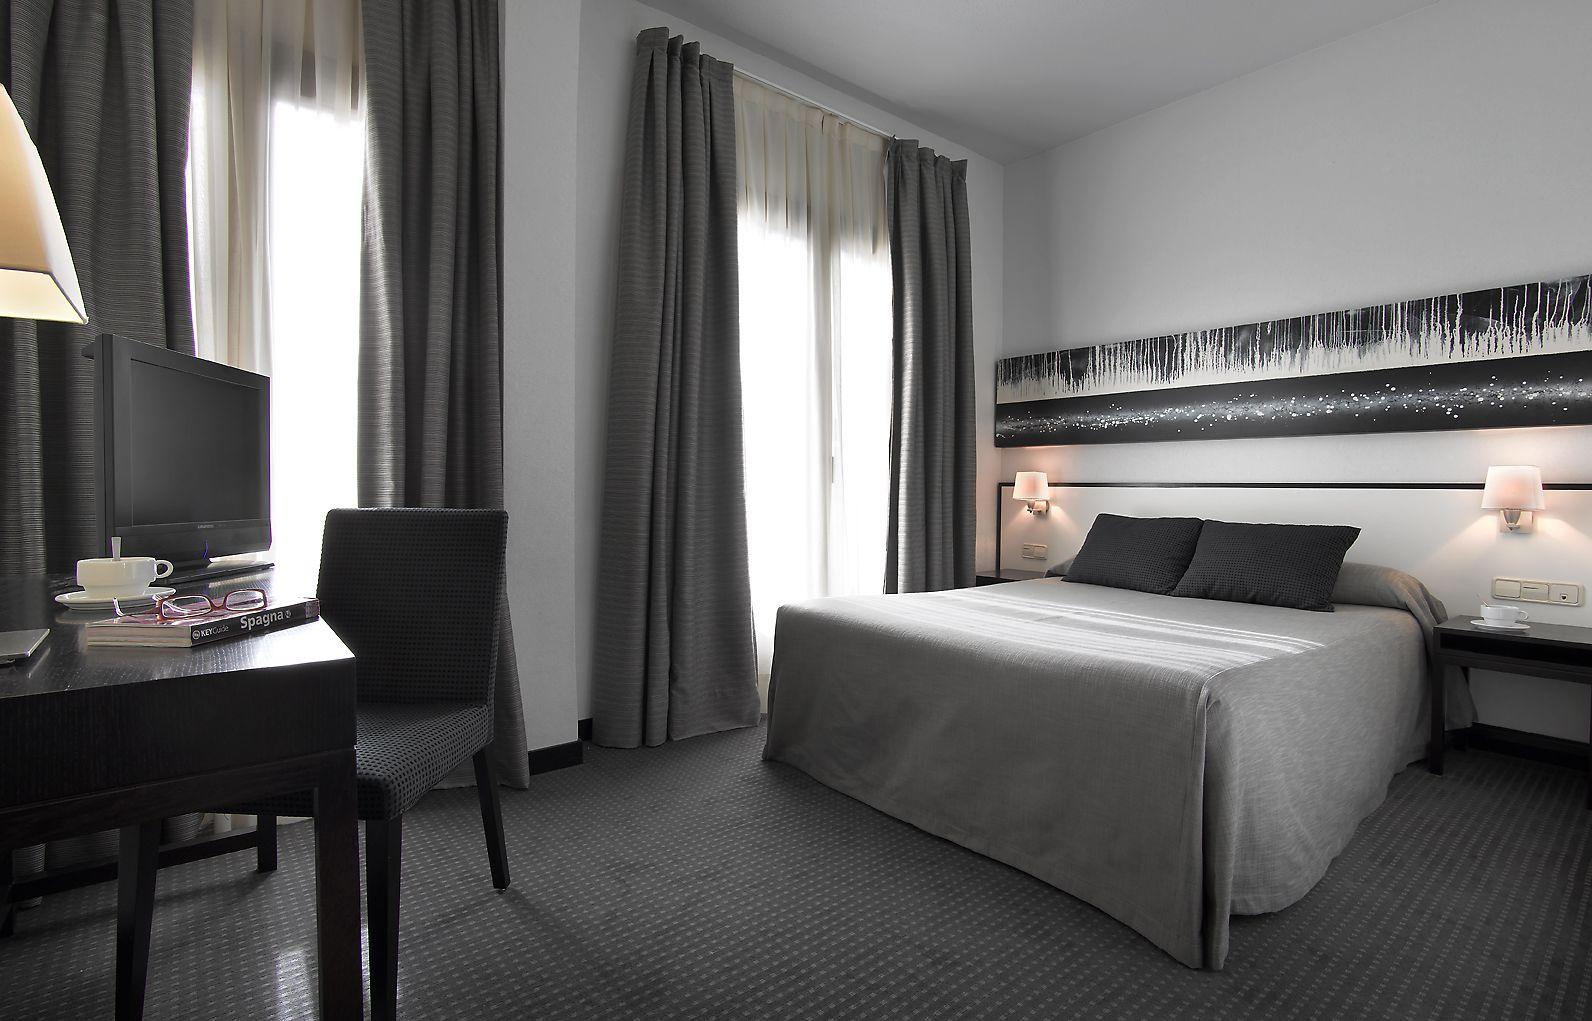 El Hotel Macia Plaza ha sido distinguido por su ubicación excelente. El portal de reservas Venere.com ha concedido este galardón a los hoteles más votados por sus clientes en todo el mundo